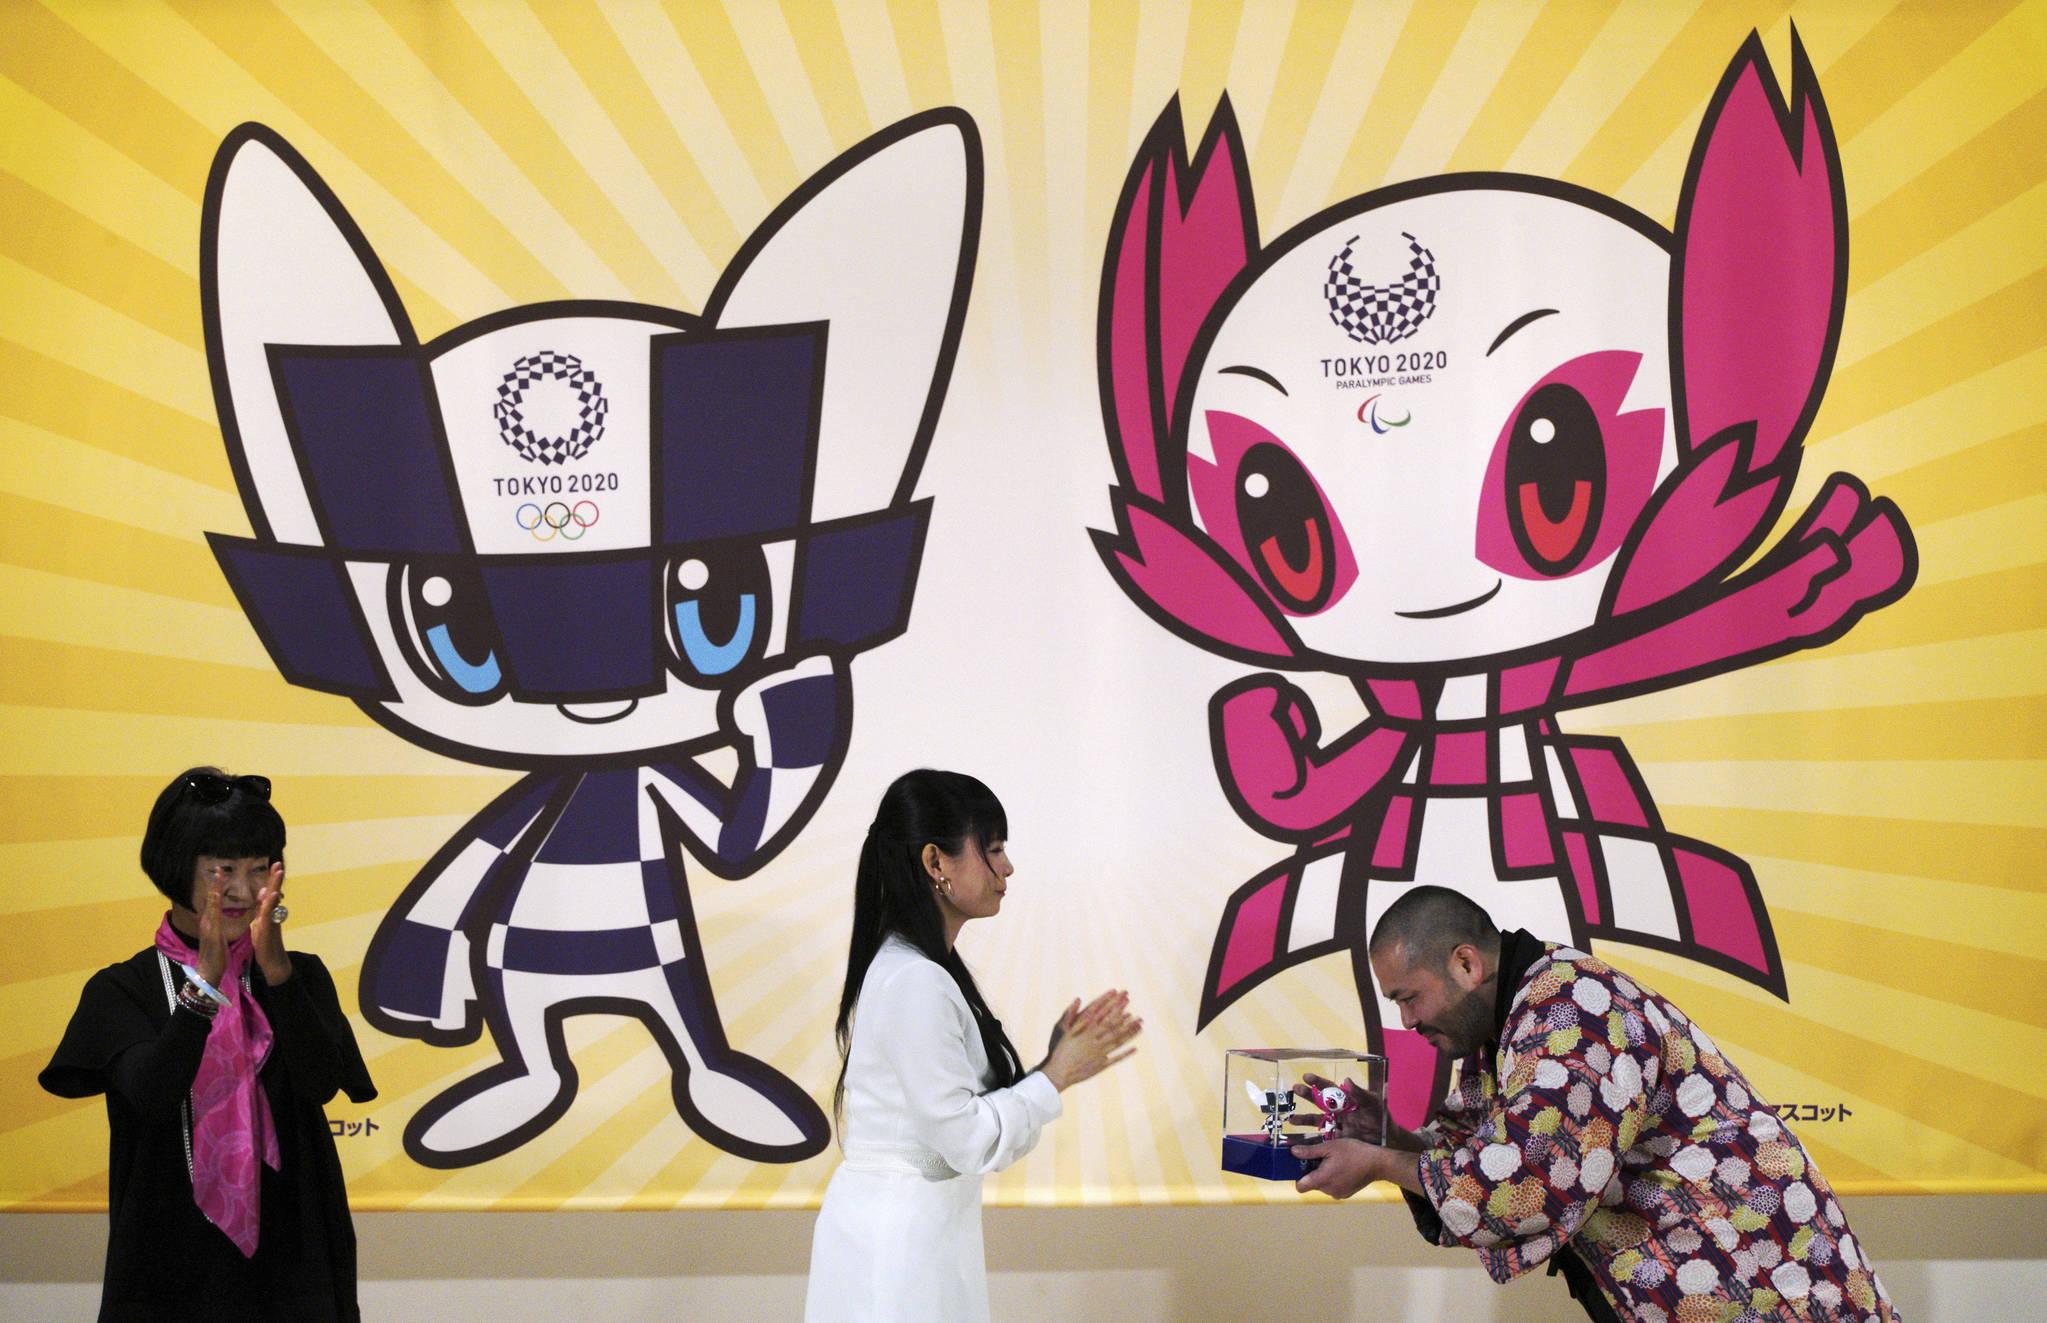 2020 도쿄 올림픽과 장애인 올림픽의 마스코트 역할을 맡을 캐릭터의 디자이너 인 료구(Ryo Taniguchi, 오른쪽)가 28 일 도쿄에서 디자인 캐릭터의 3D 모델을 받고 있다. [AP=연합뉴스]